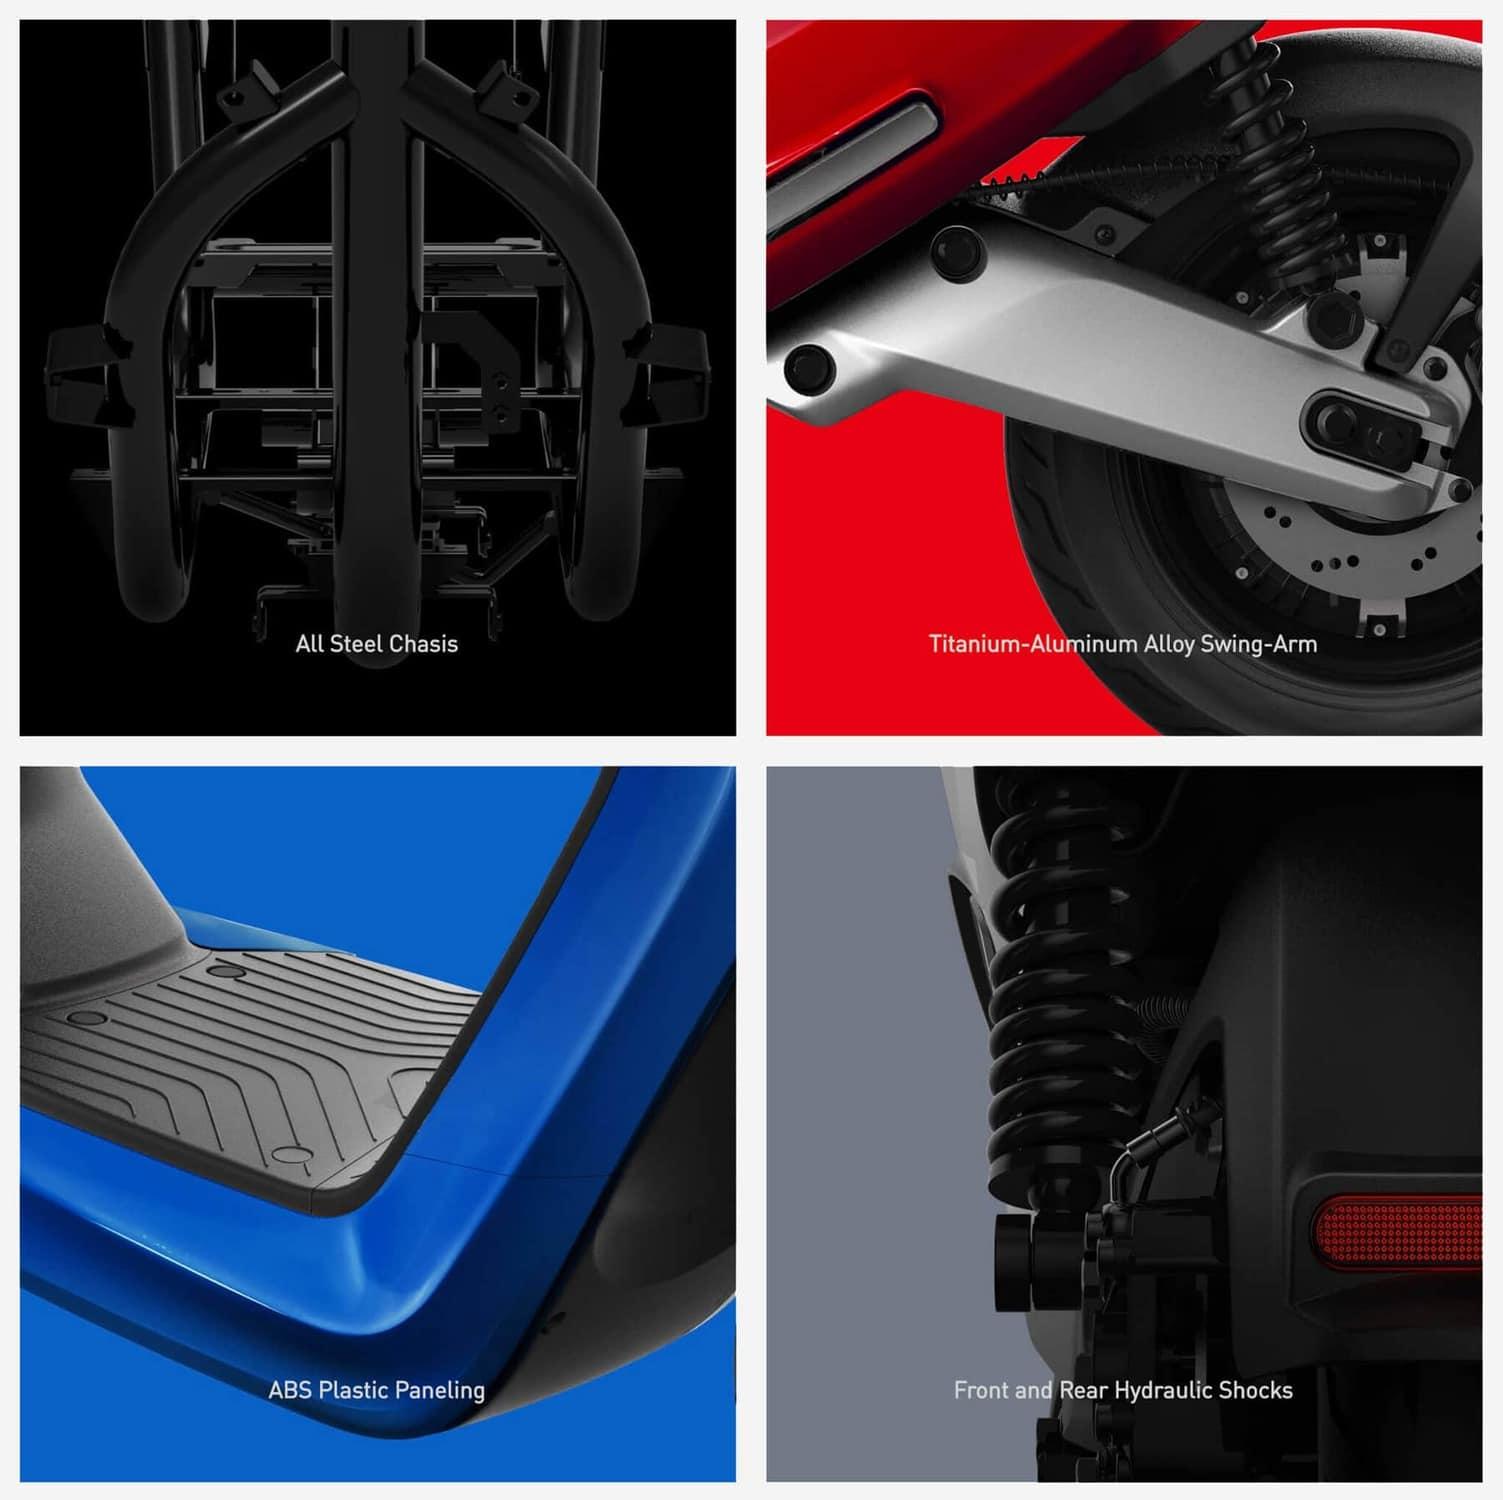 mplus design features 2